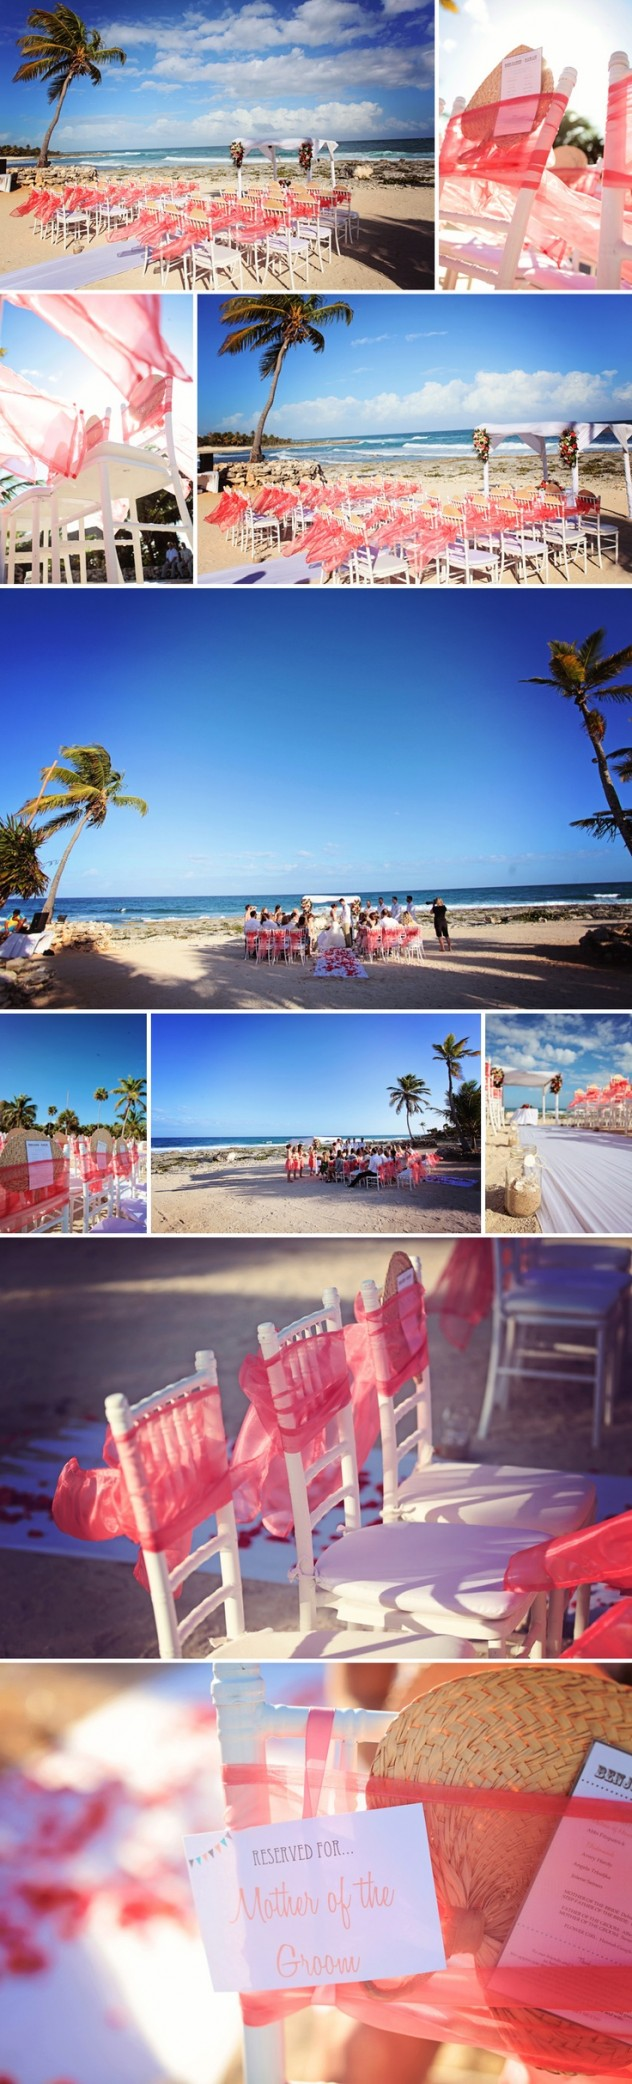 Bodas espectaculares en la playa de la Rivera Maya. - Bodas en Cancun